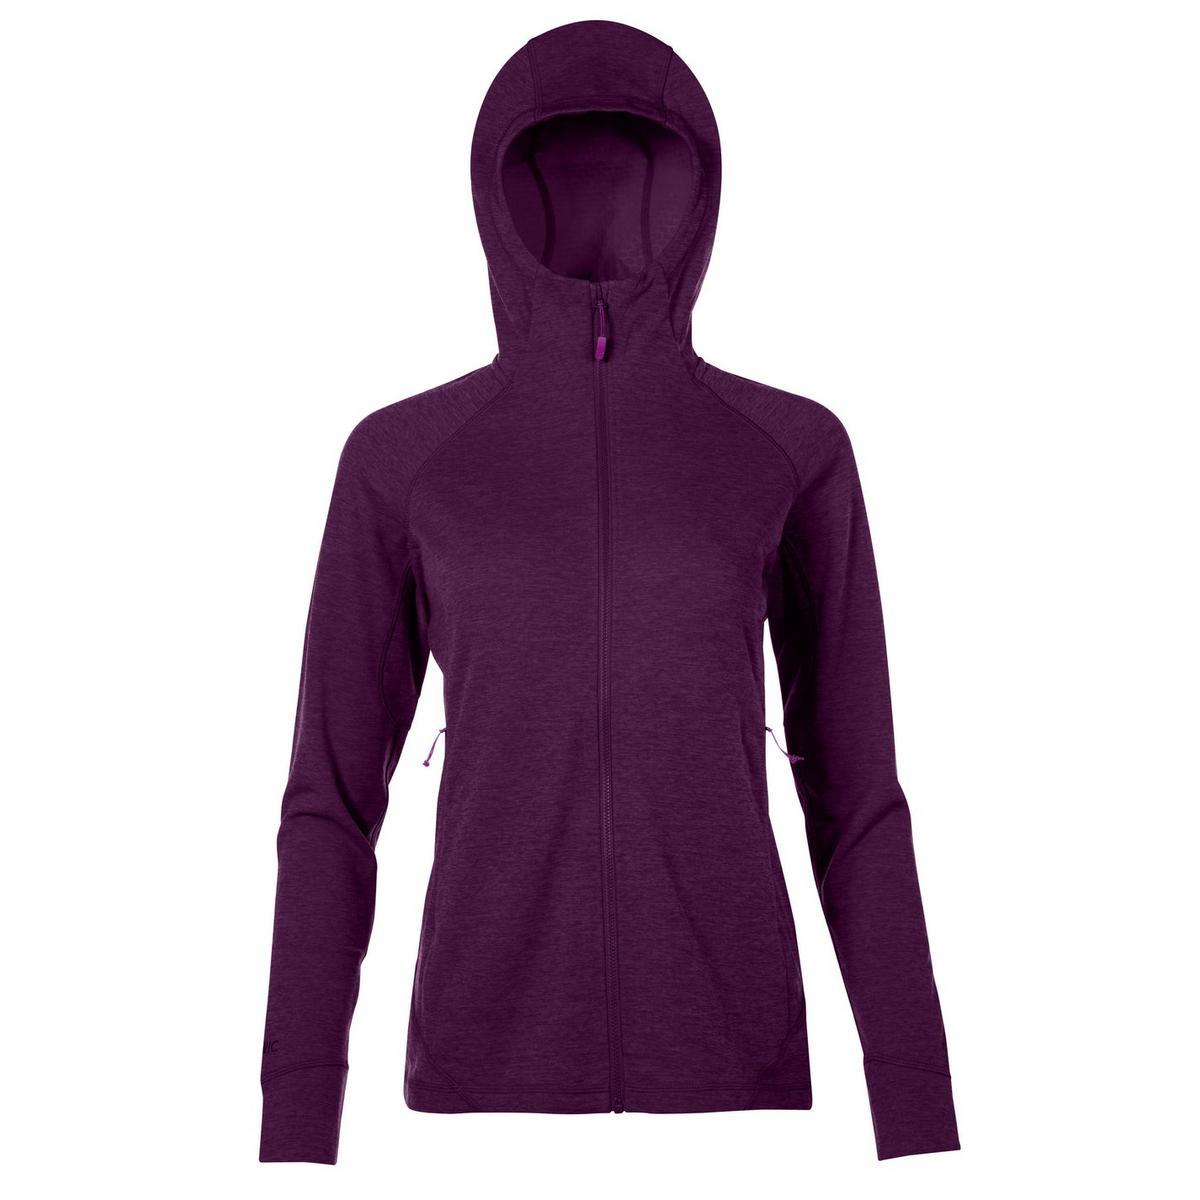 Rab Women's Rab Nexus Hooded Jacket - Purple